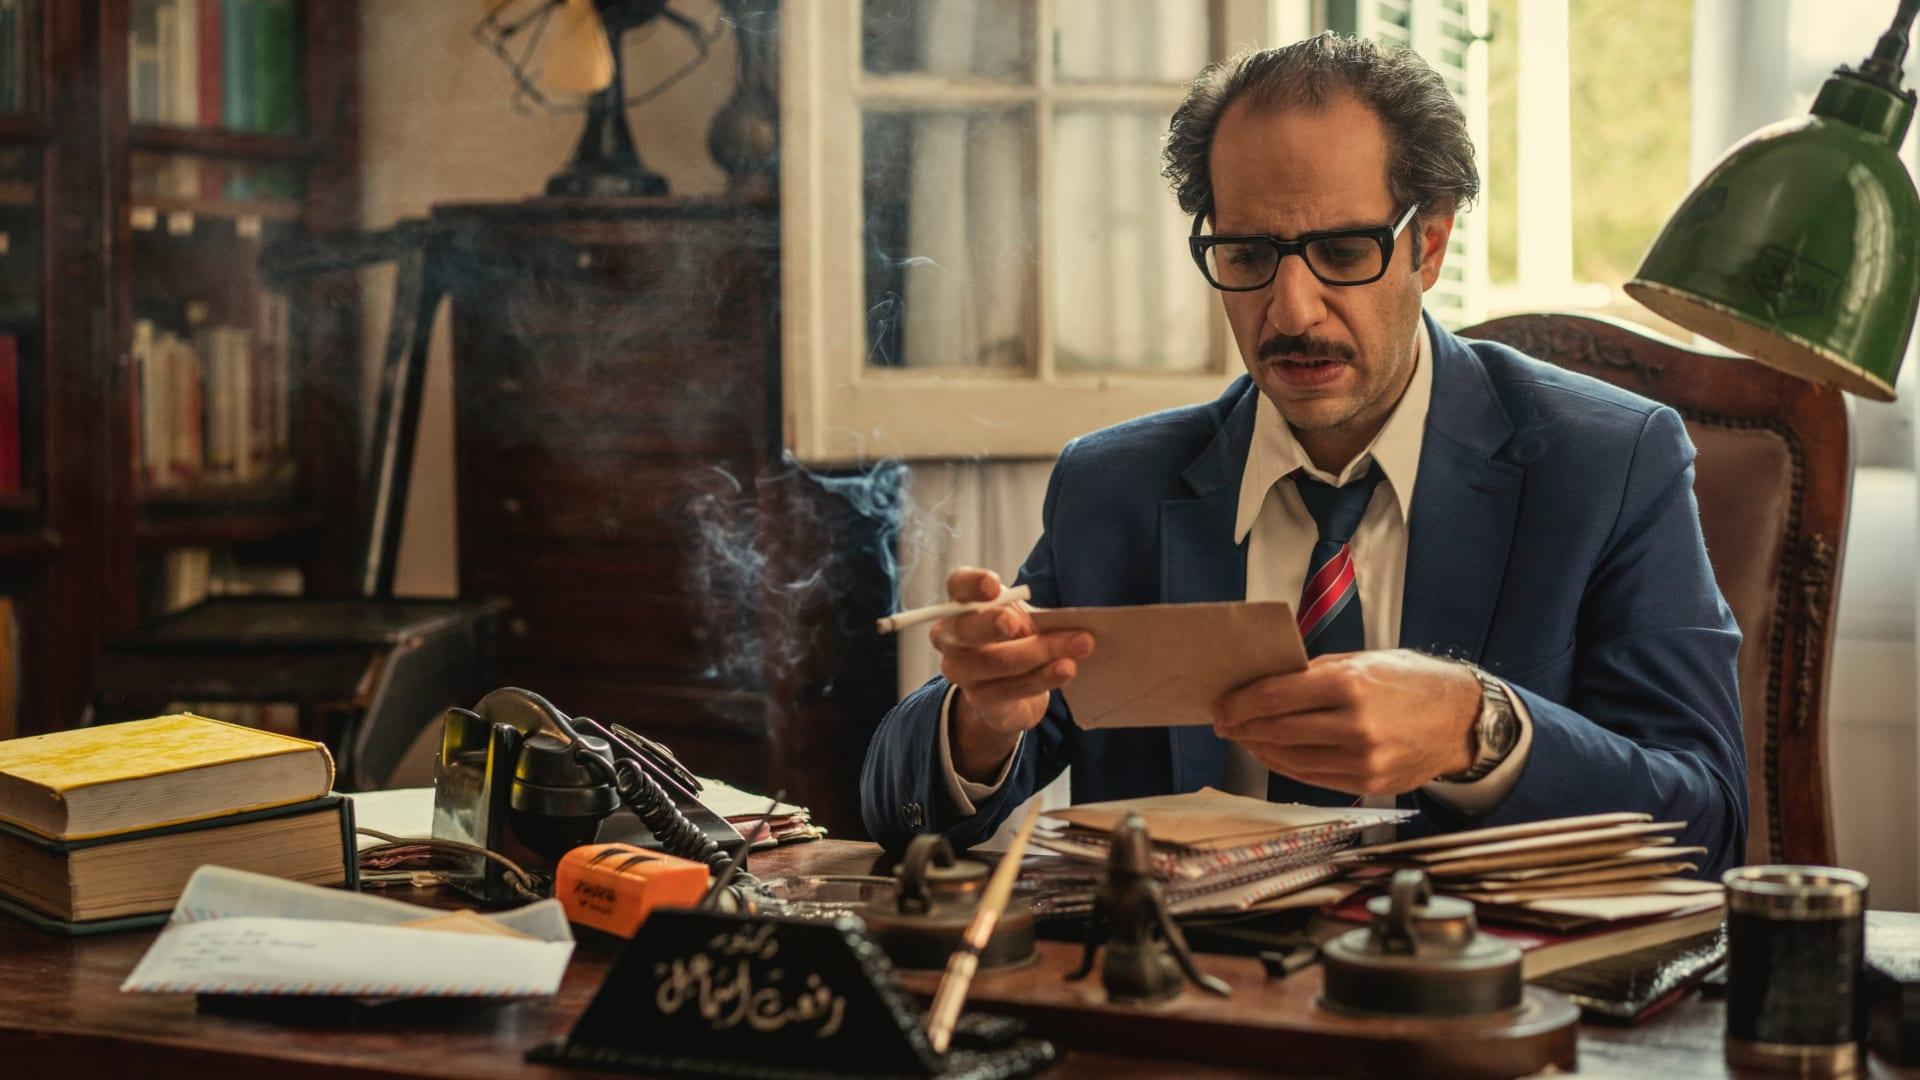 نتفلكس تستعد لطرح أول مسلسل مصري مستوحى من كتابات أحمد خالد توفيق